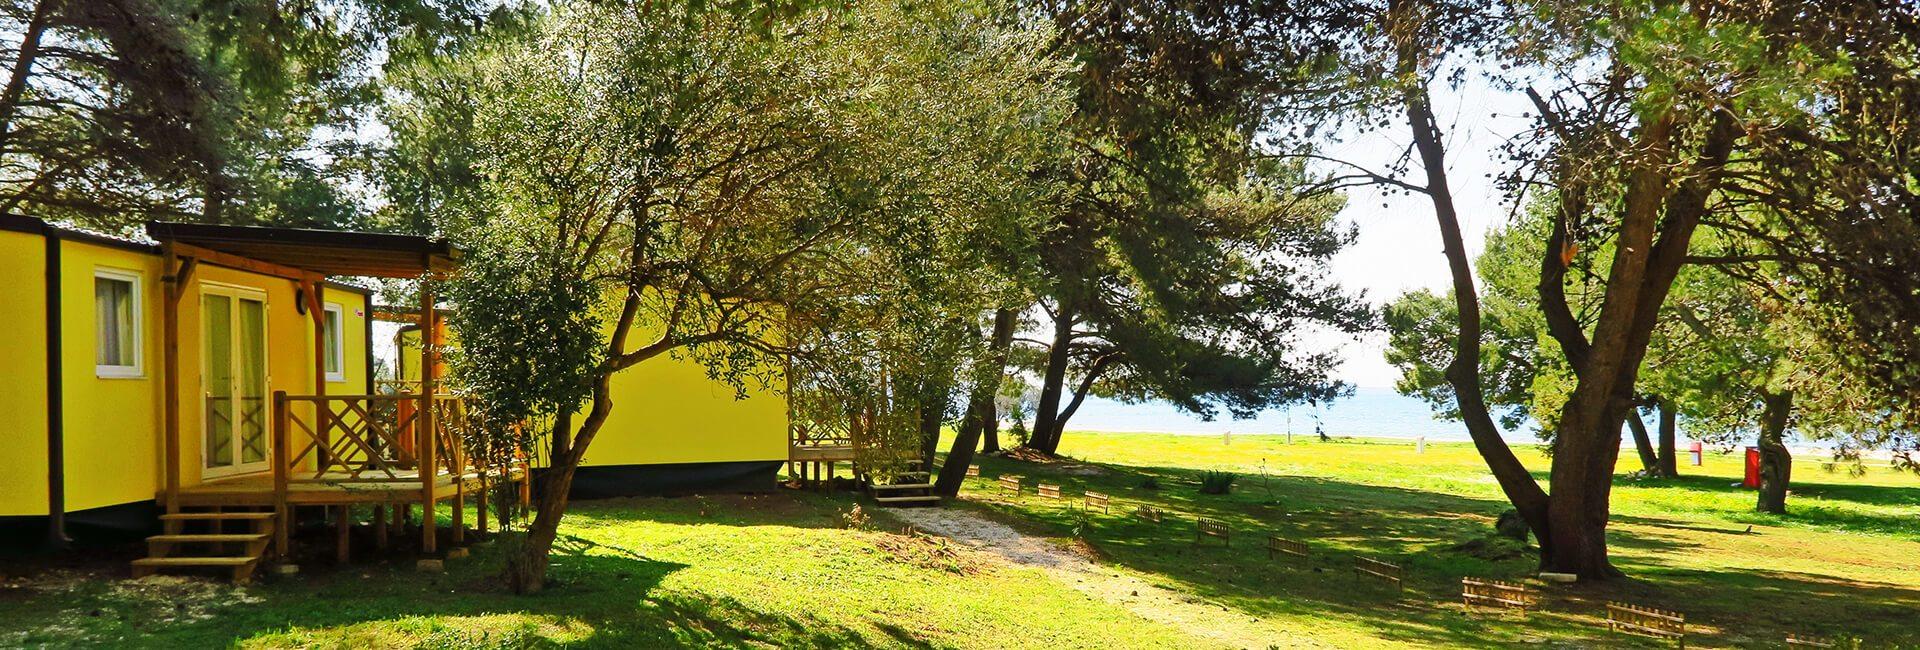 Camping Pineta Fažana - Mobilheime im Meernähe